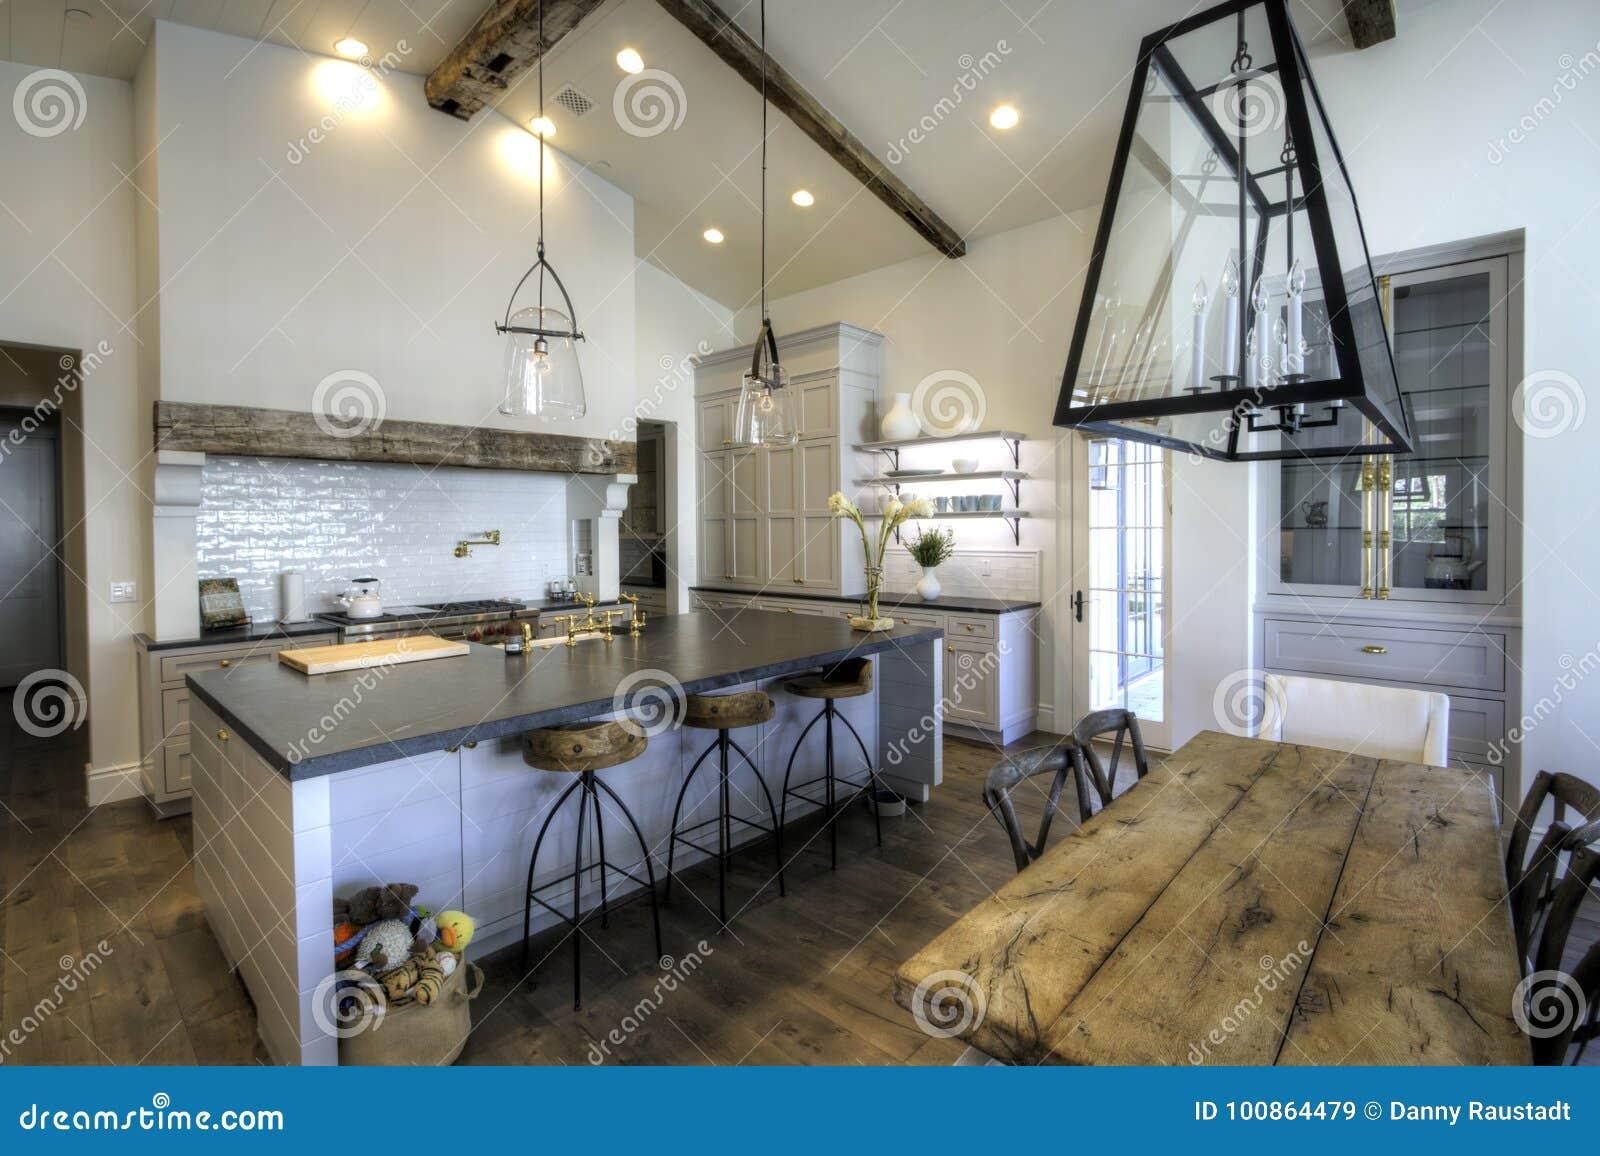 Sehr Große Neue Küche Und Esszimmer Stockbild - Bild von ...